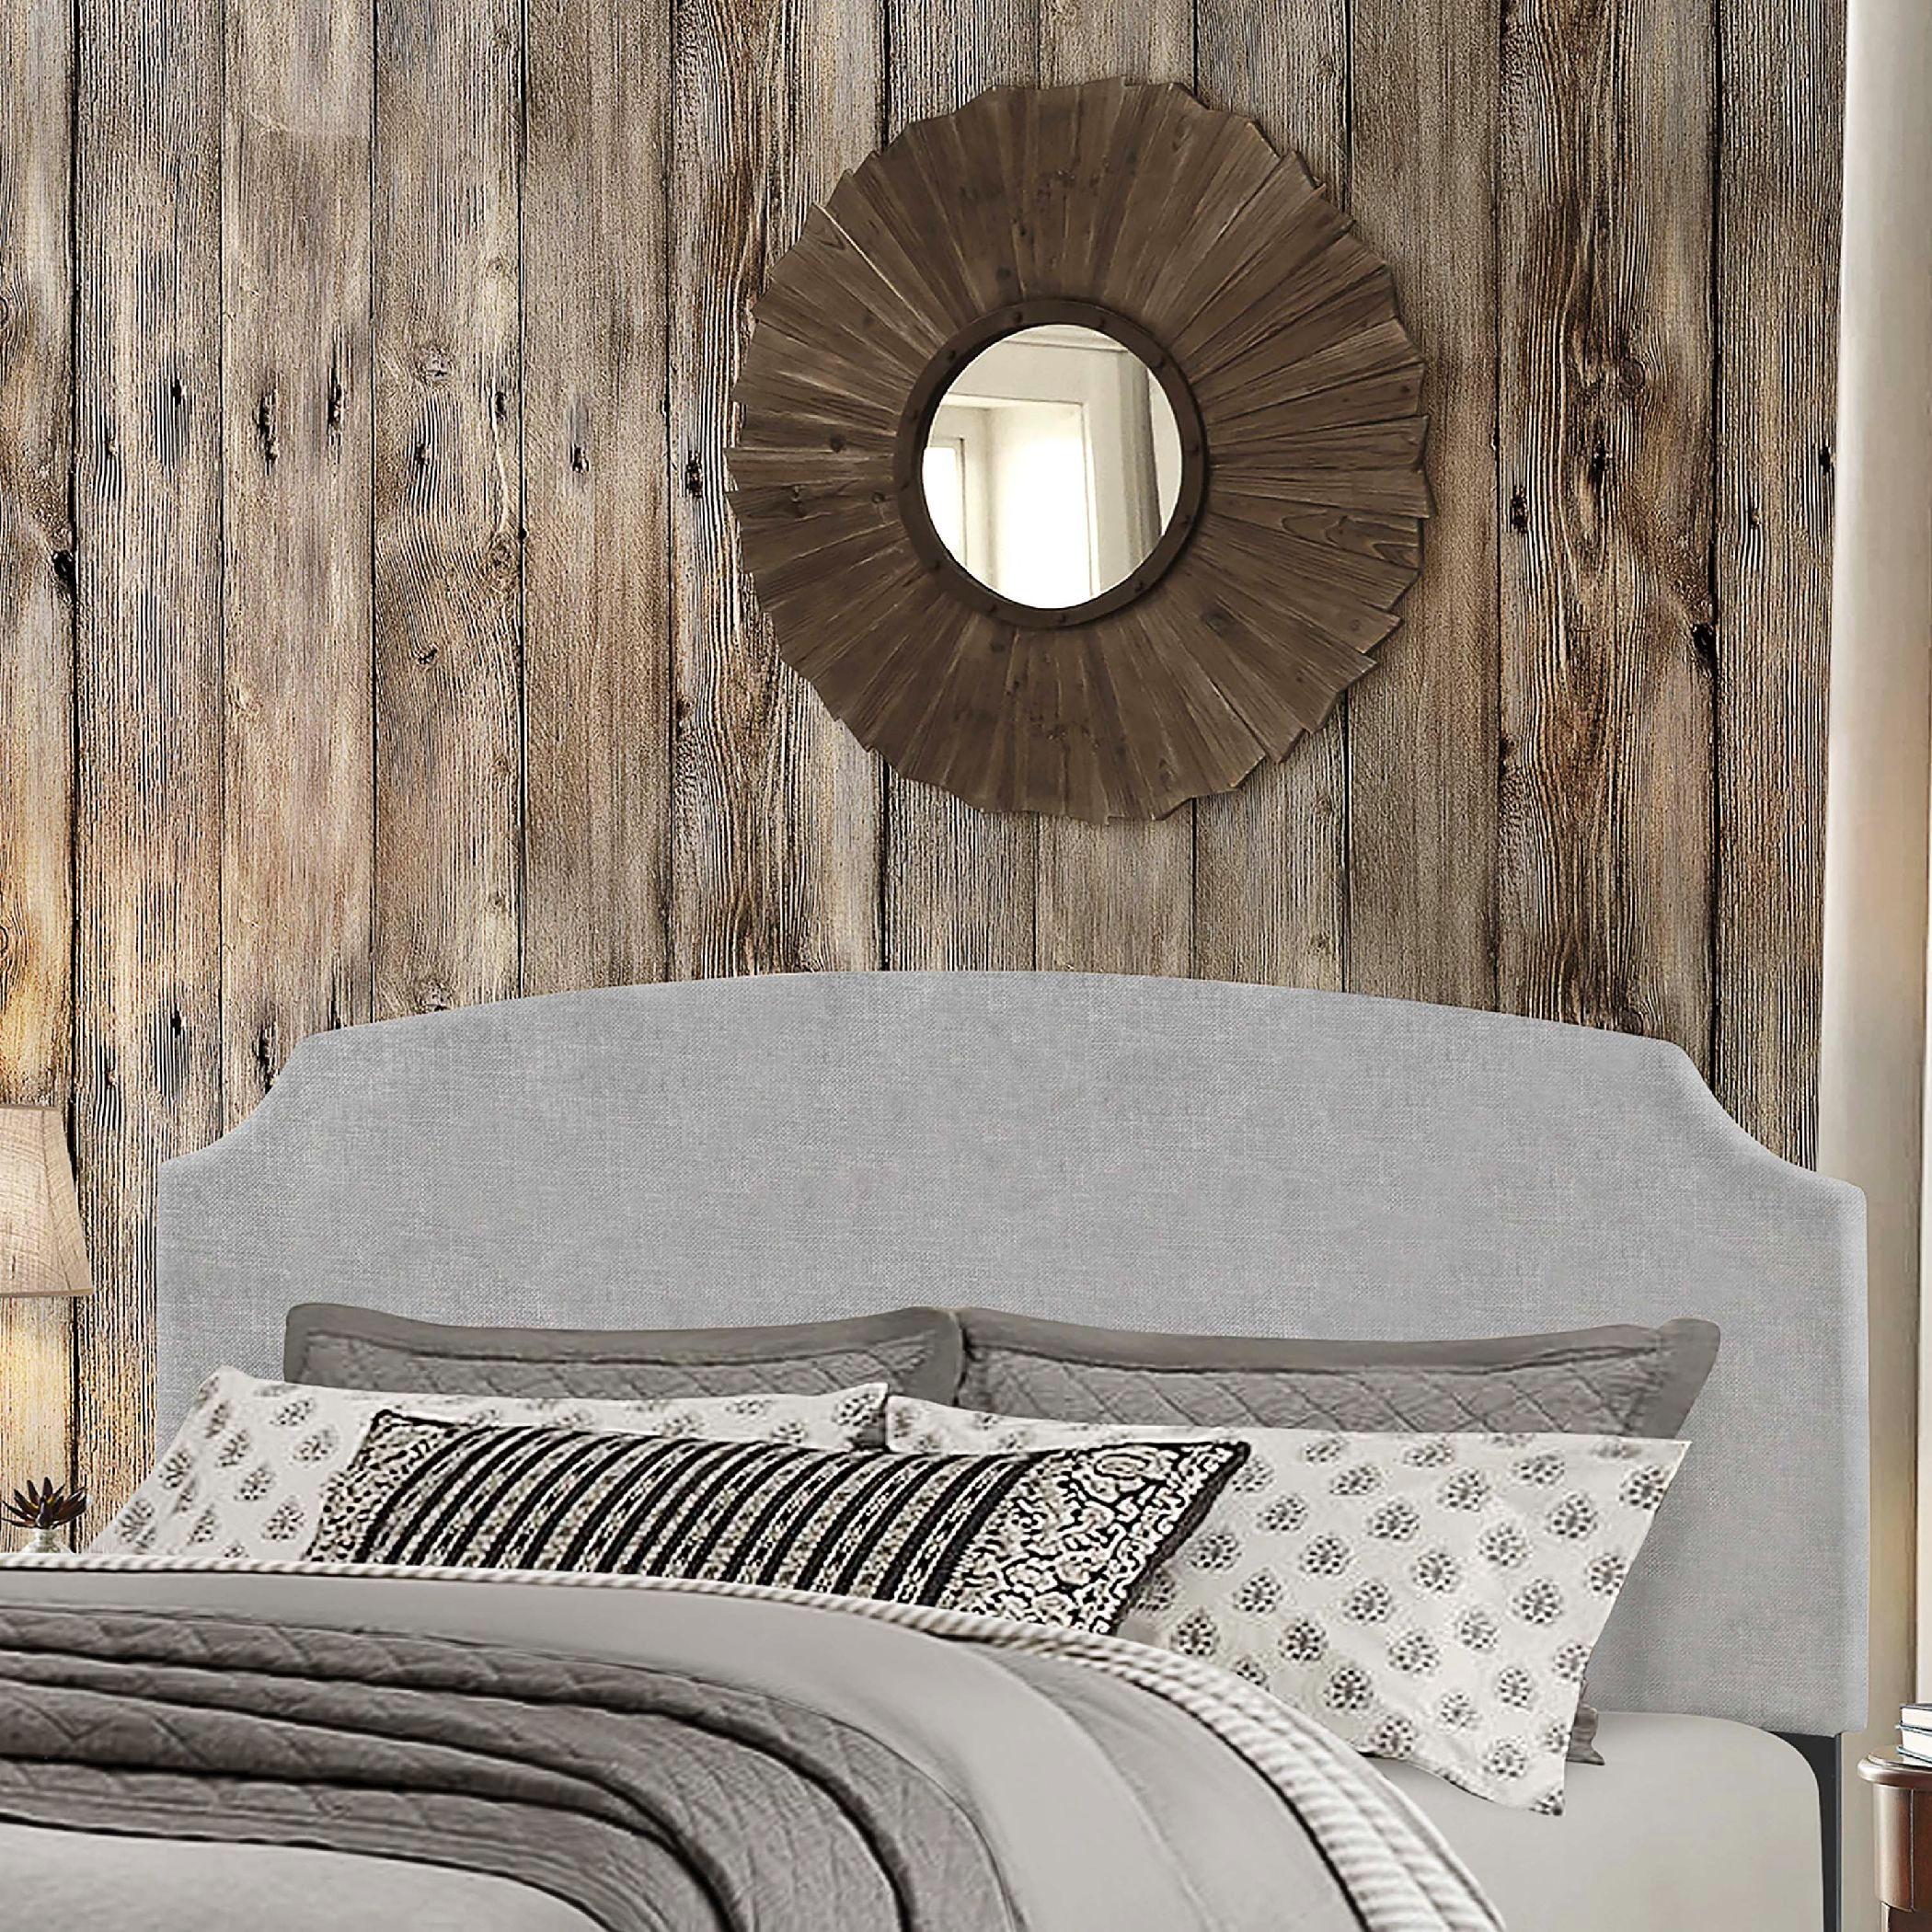 Hillsdale Furniture Bedroom Desi Headboard Full Queen